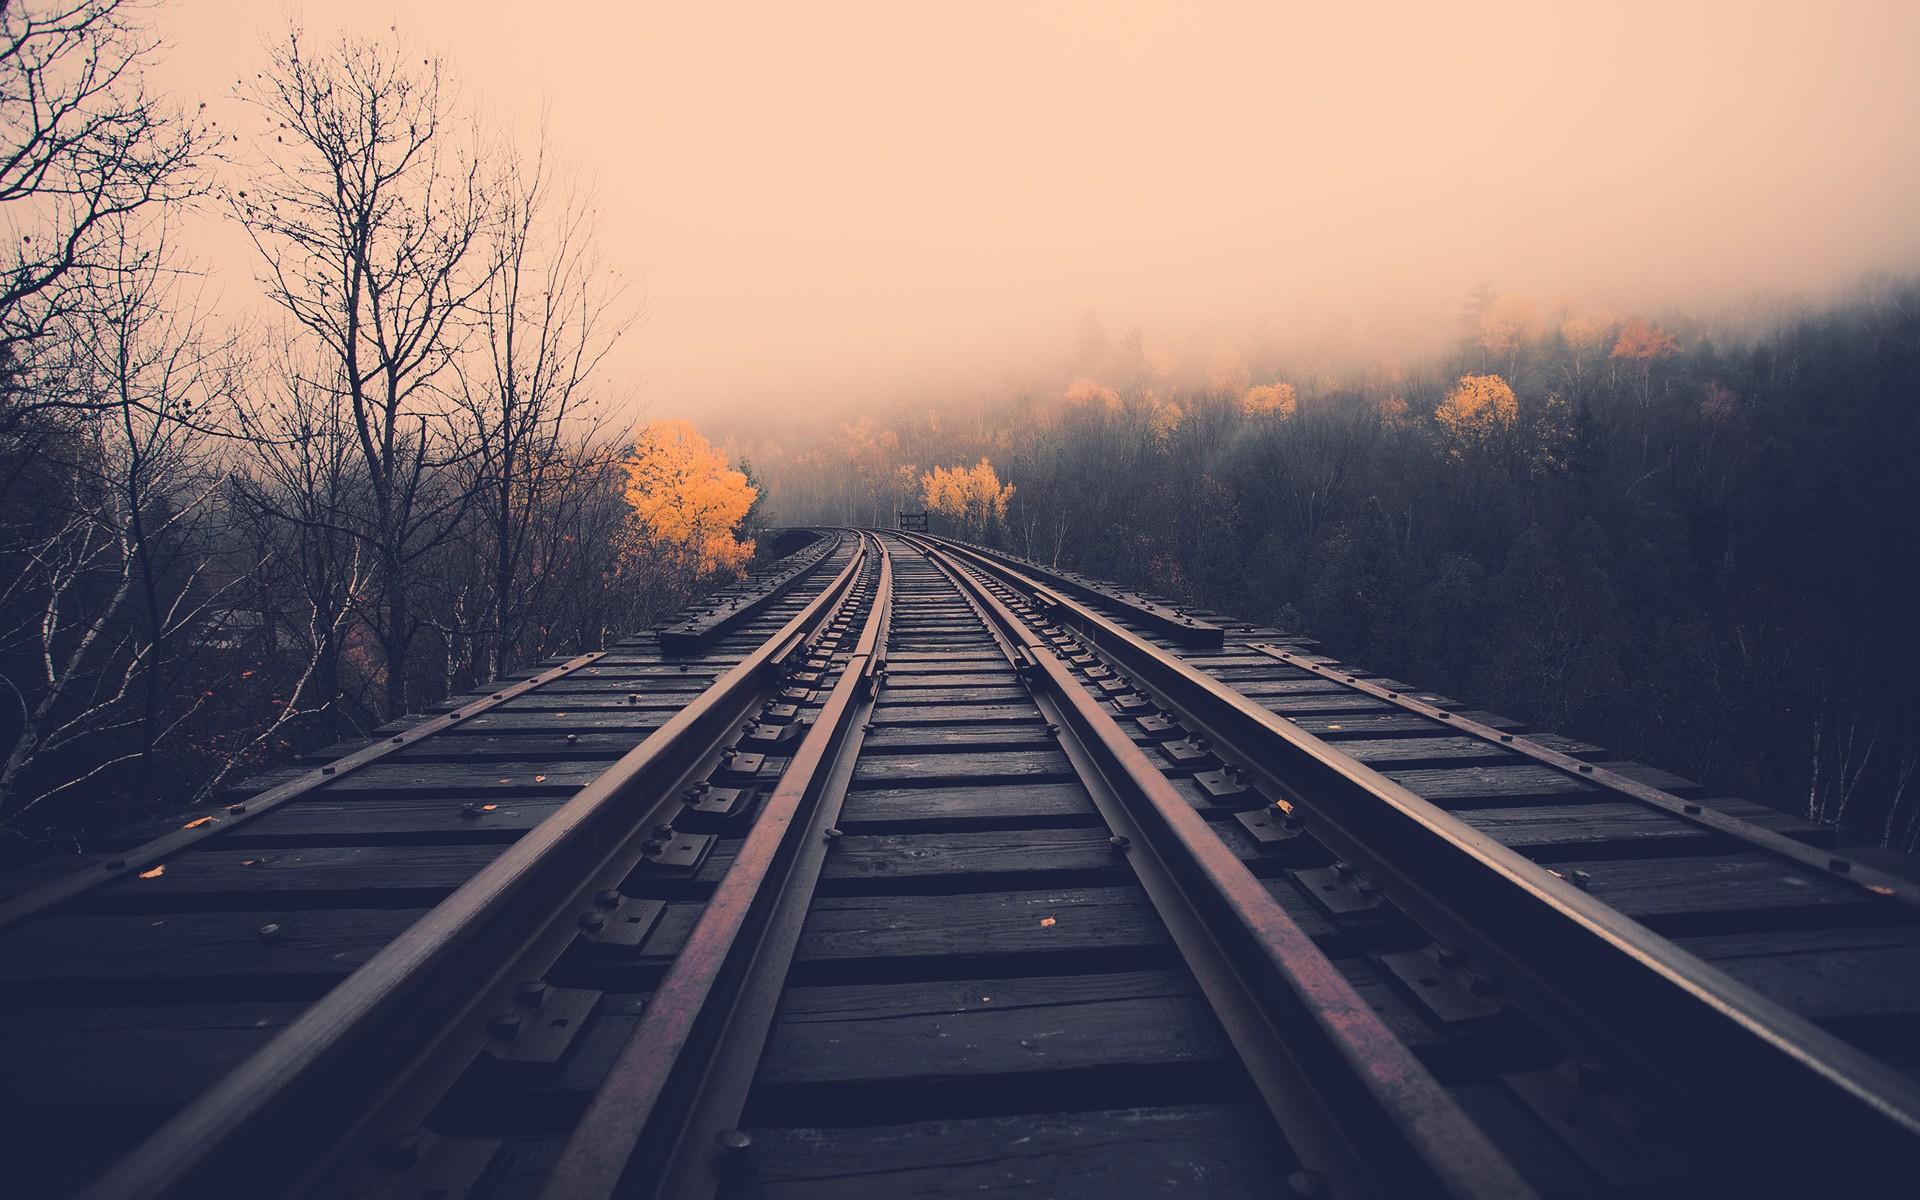 Fondos Vías de ferrocarril (Railroad Tracks) ADNFriki (2)